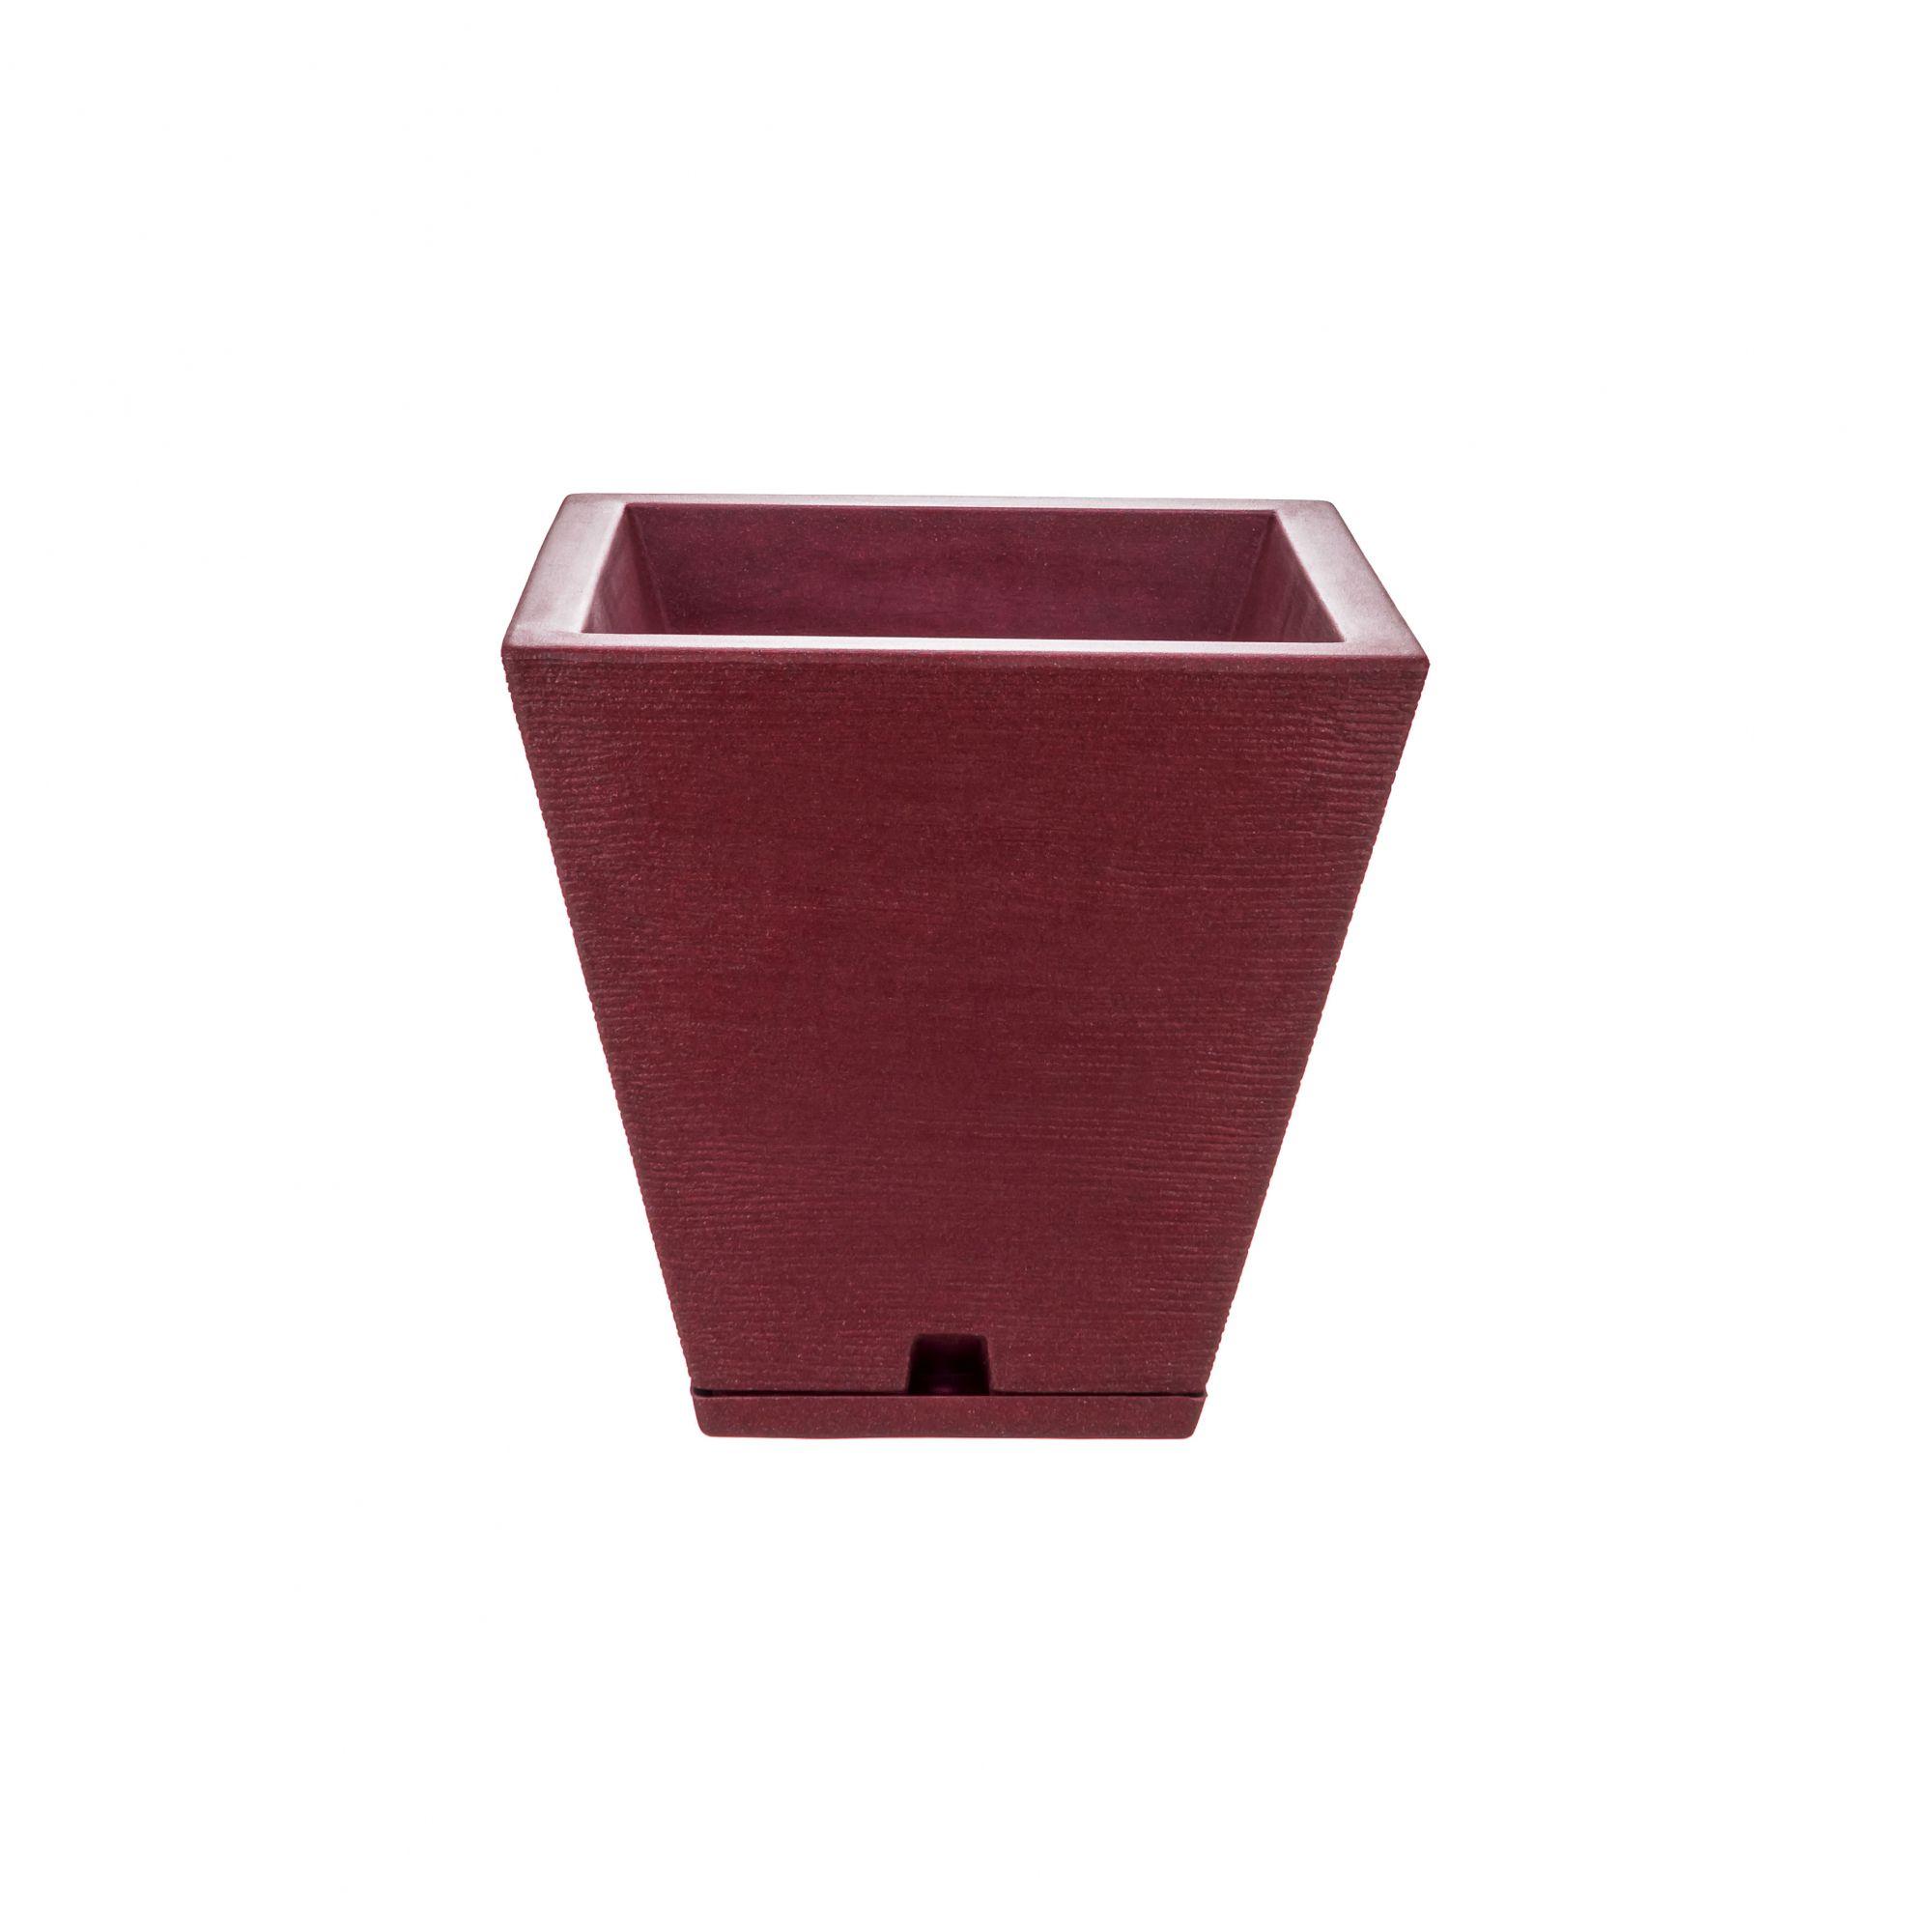 Vaso Zurique Grafiato Vinho Stone - 29cm x 34cm